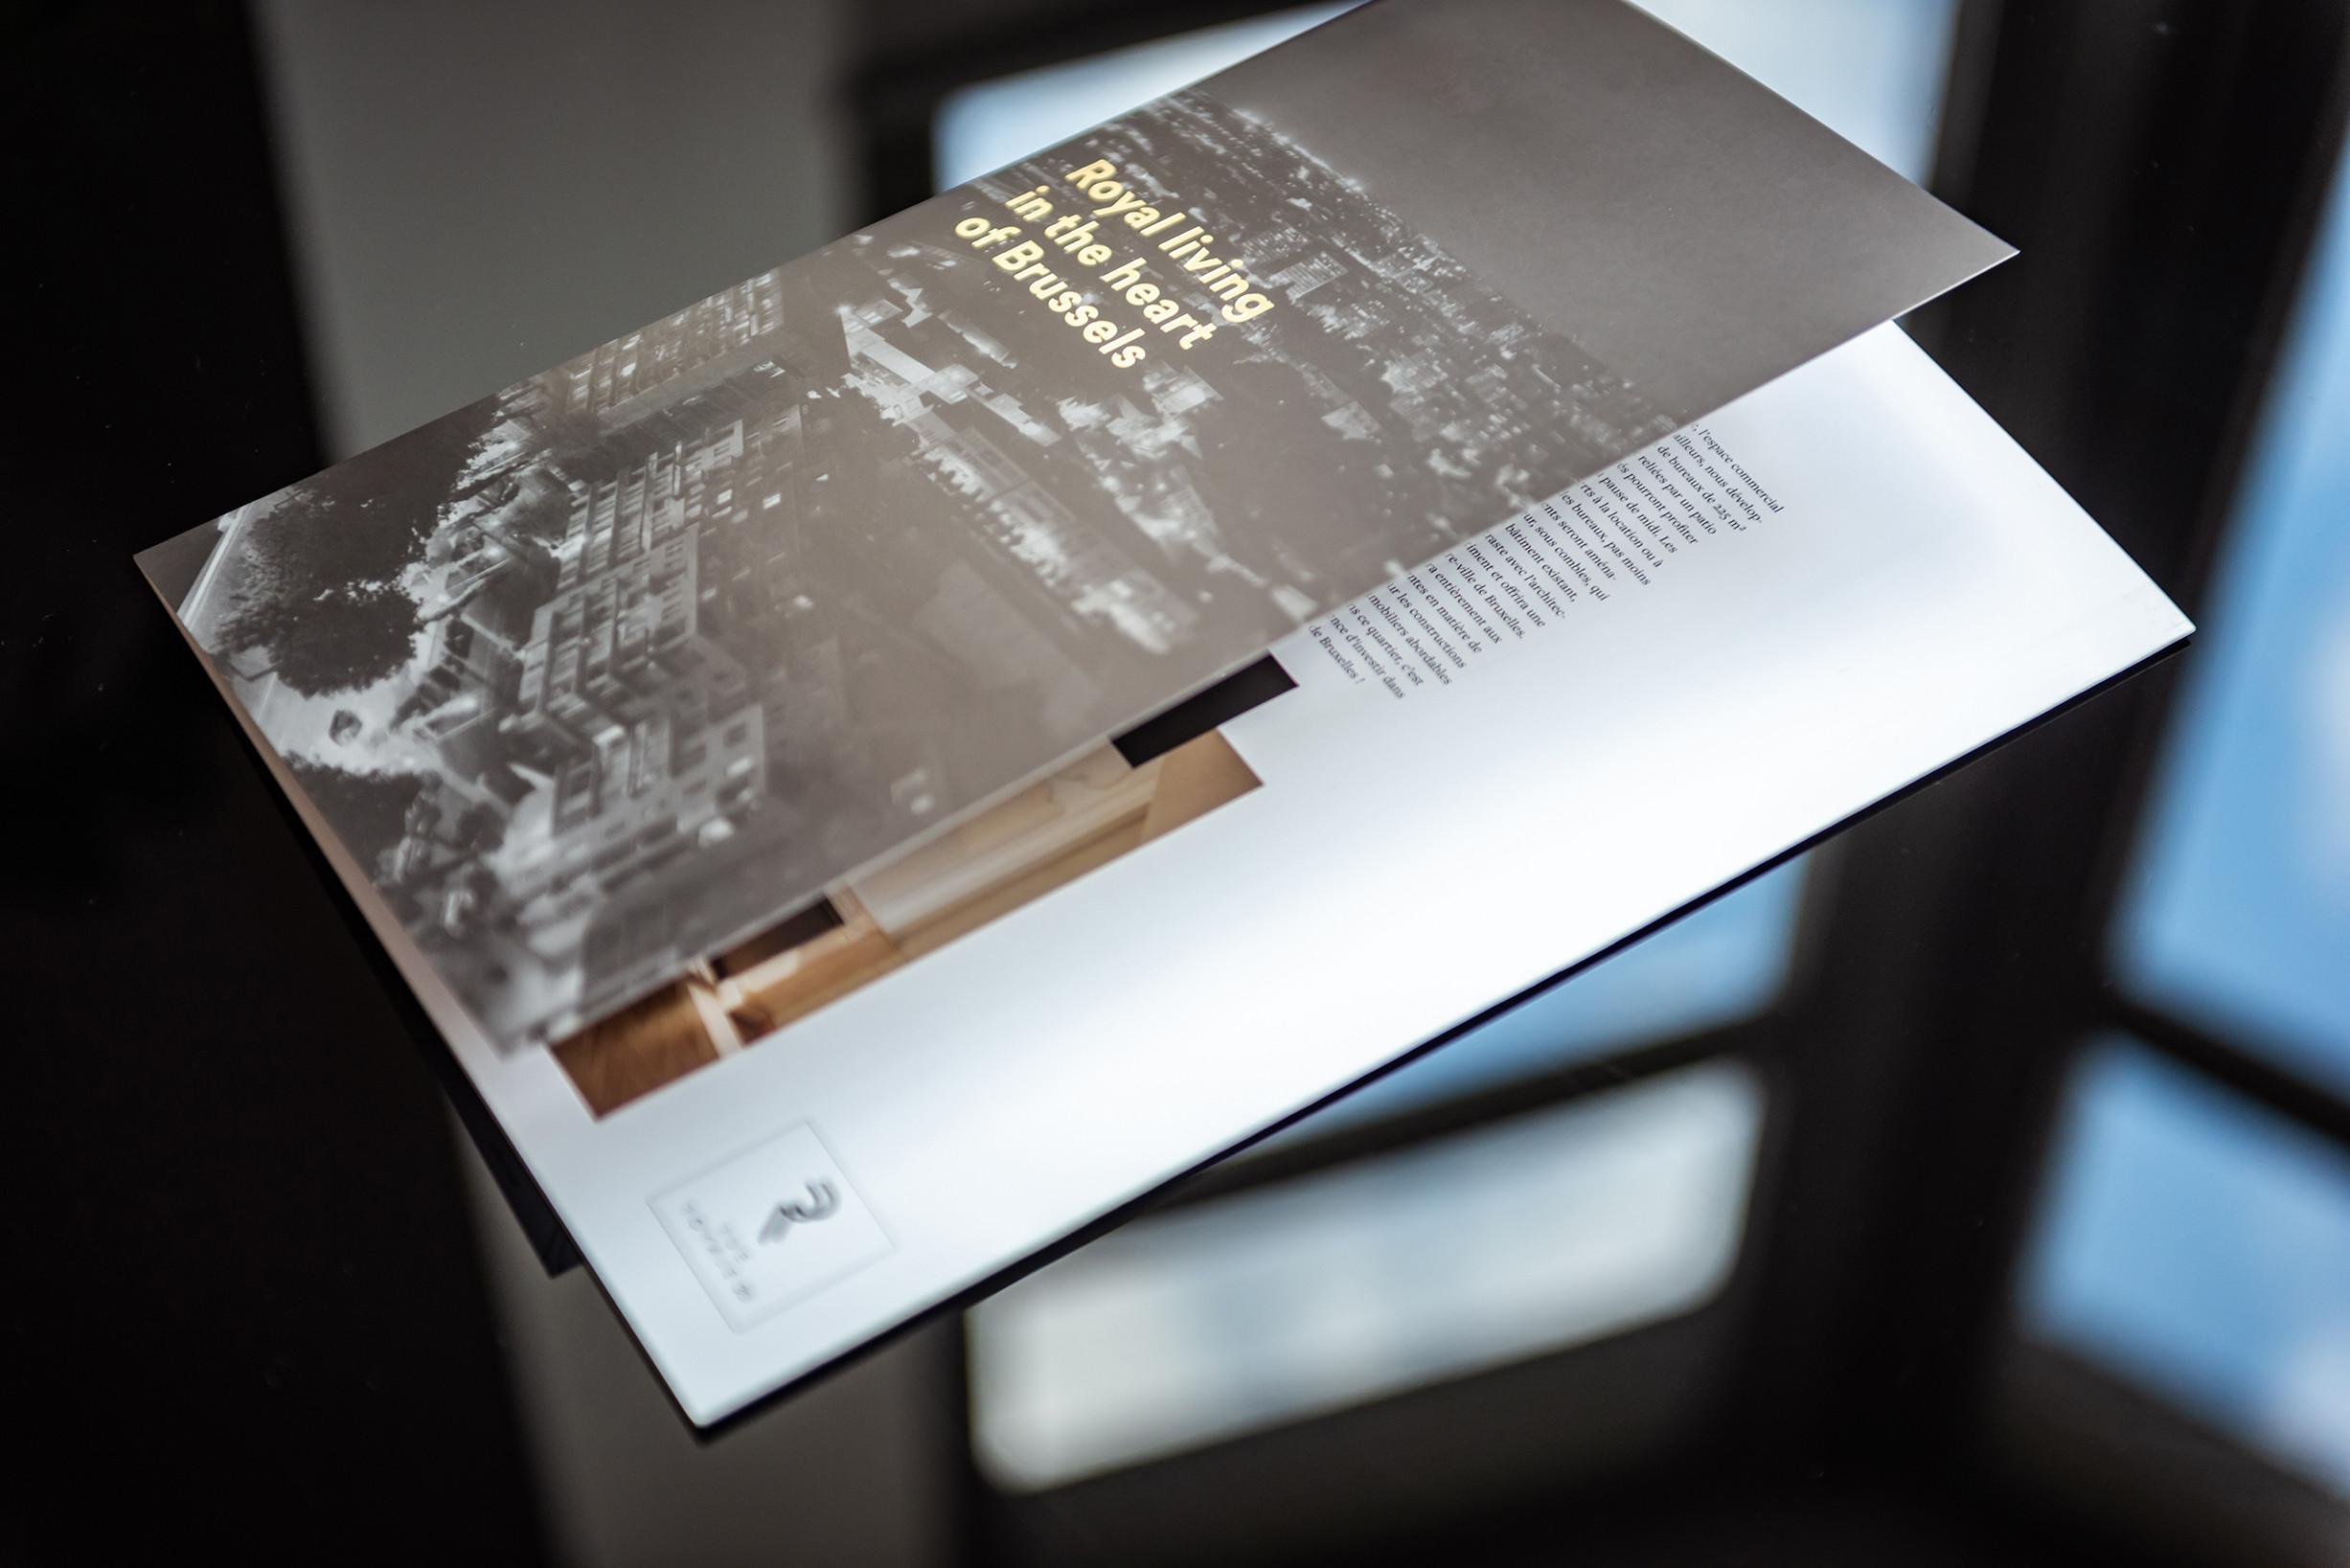 Een bijzondere lay-out versterkt de uitstraling van je bedrijf - zoals hier het geval is in de brochure van Rue Royale 33